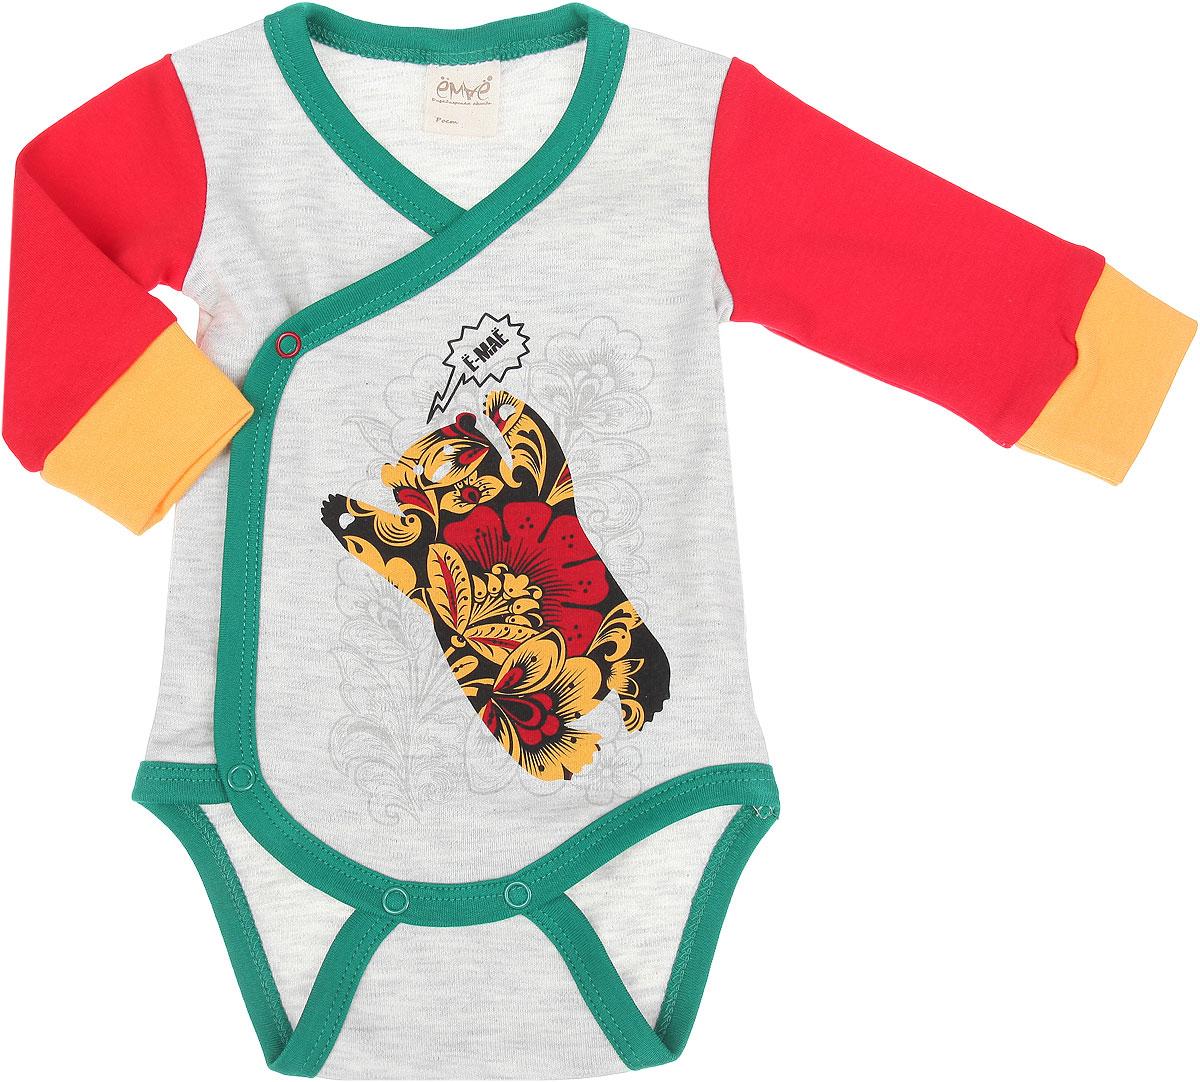 Боди-кимоно детское. 24-24724-247Яркое детское боди-кимоно Ёмаё станет идеальным дополнением к гардеробу вашего ребенка. Изделие изготовлено из натурального хлопка, мягкое и приятное на ощупь, не сковывает движений, позволяет коже дышать. Боди с V-образным вырезом горловины и длинными рукавами оформлено принтом с изображением медведя и цветочных узоров. Удобные застежки-кнопки по принципу кимоно и застежки-кнопки на ластовице помогают легко переодеть малютку и сменить подгузник. На рукавах предусмотрены мягкие манжеты. Боди полностью соответствует особенностям жизни ребенка в ранний период, не стесняя и не ограничивая его в движениях. В нем кроха будет чувствовать себя комфортно, уютно и всегда будет в центре внимания!